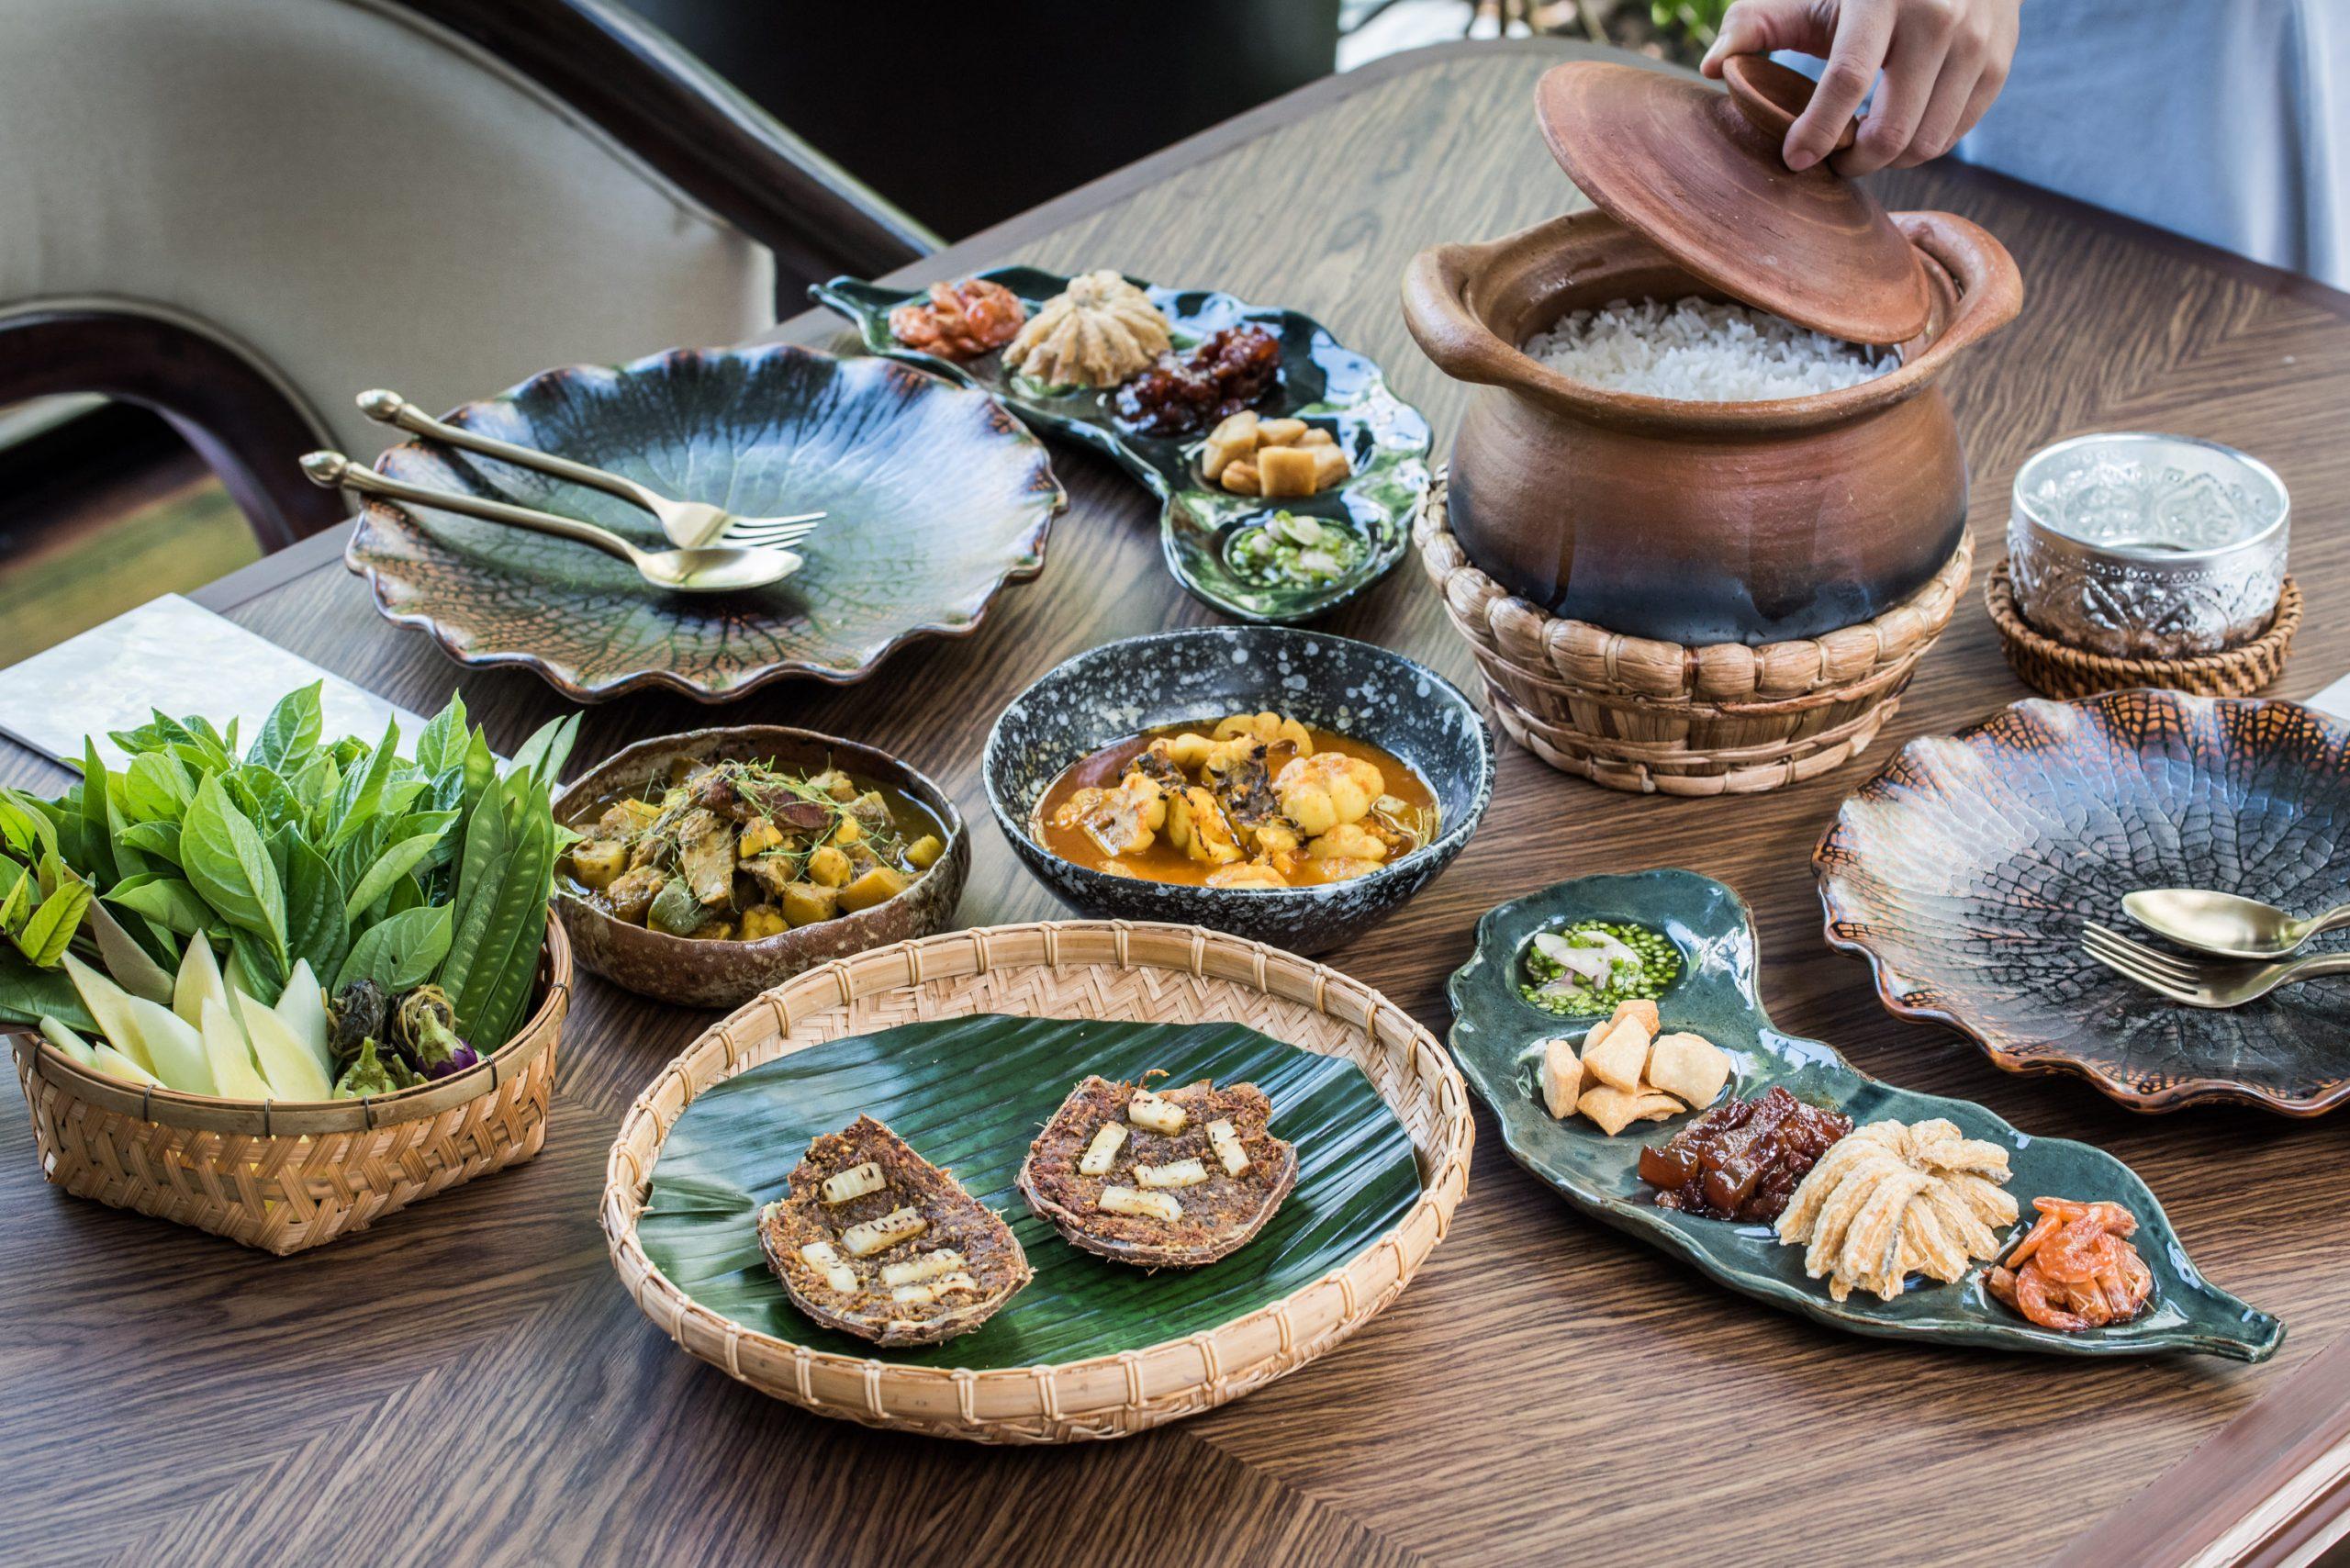 อาหารไทยเดลิเวอรี่ กรุงเทพฯ